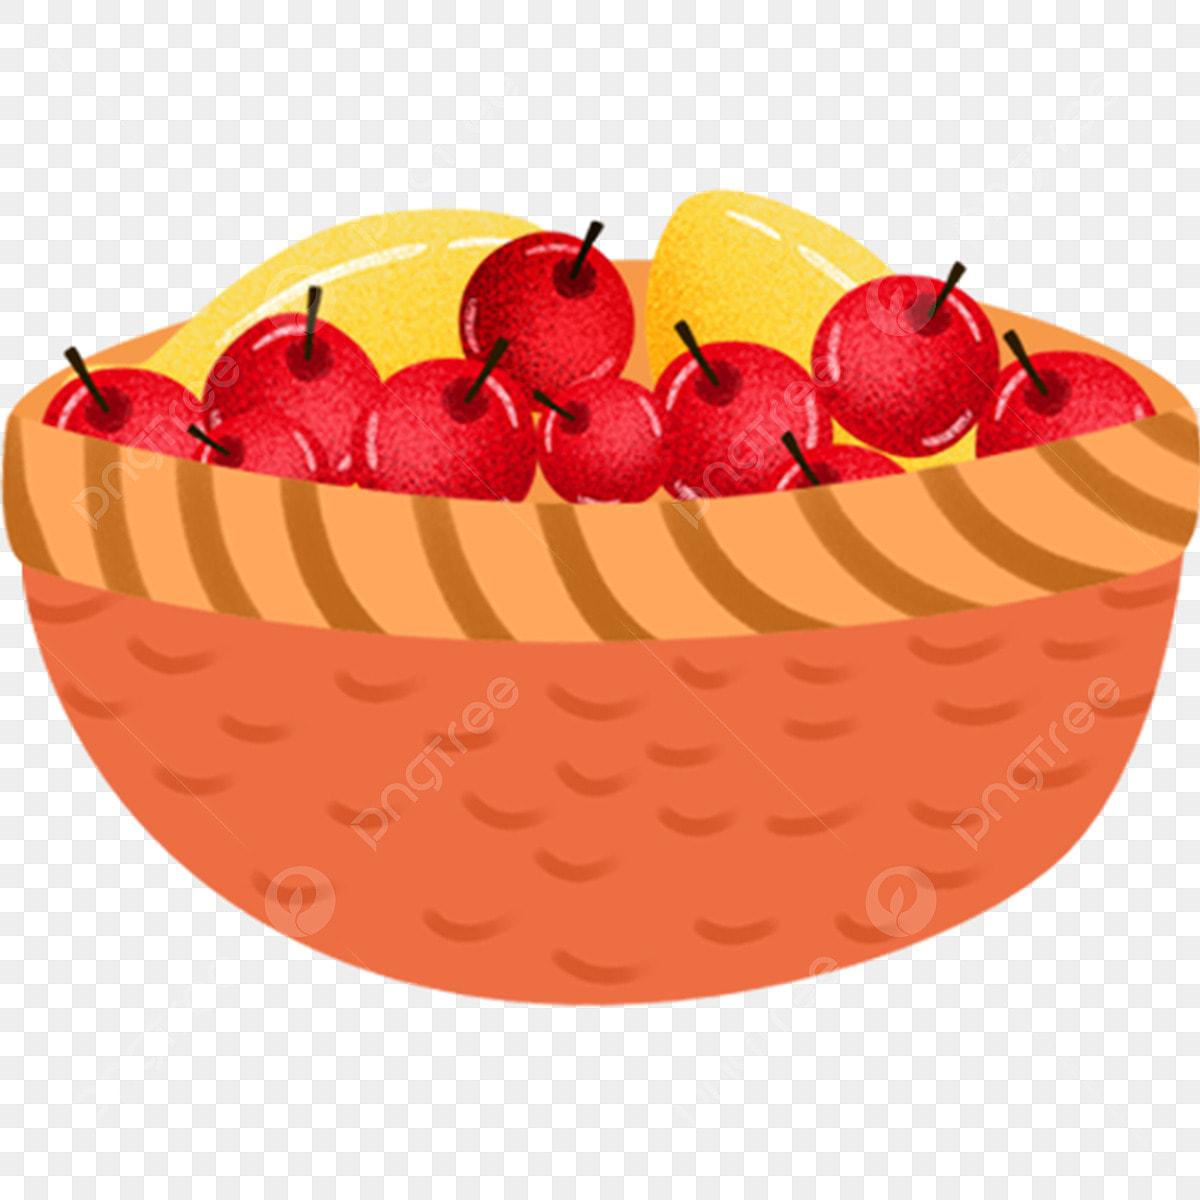 الفاكهة طبق فاكهة سلة سلة فواكه كومبوت طبق فاكهة سلة Png وملف Psd للتحميل مجانا